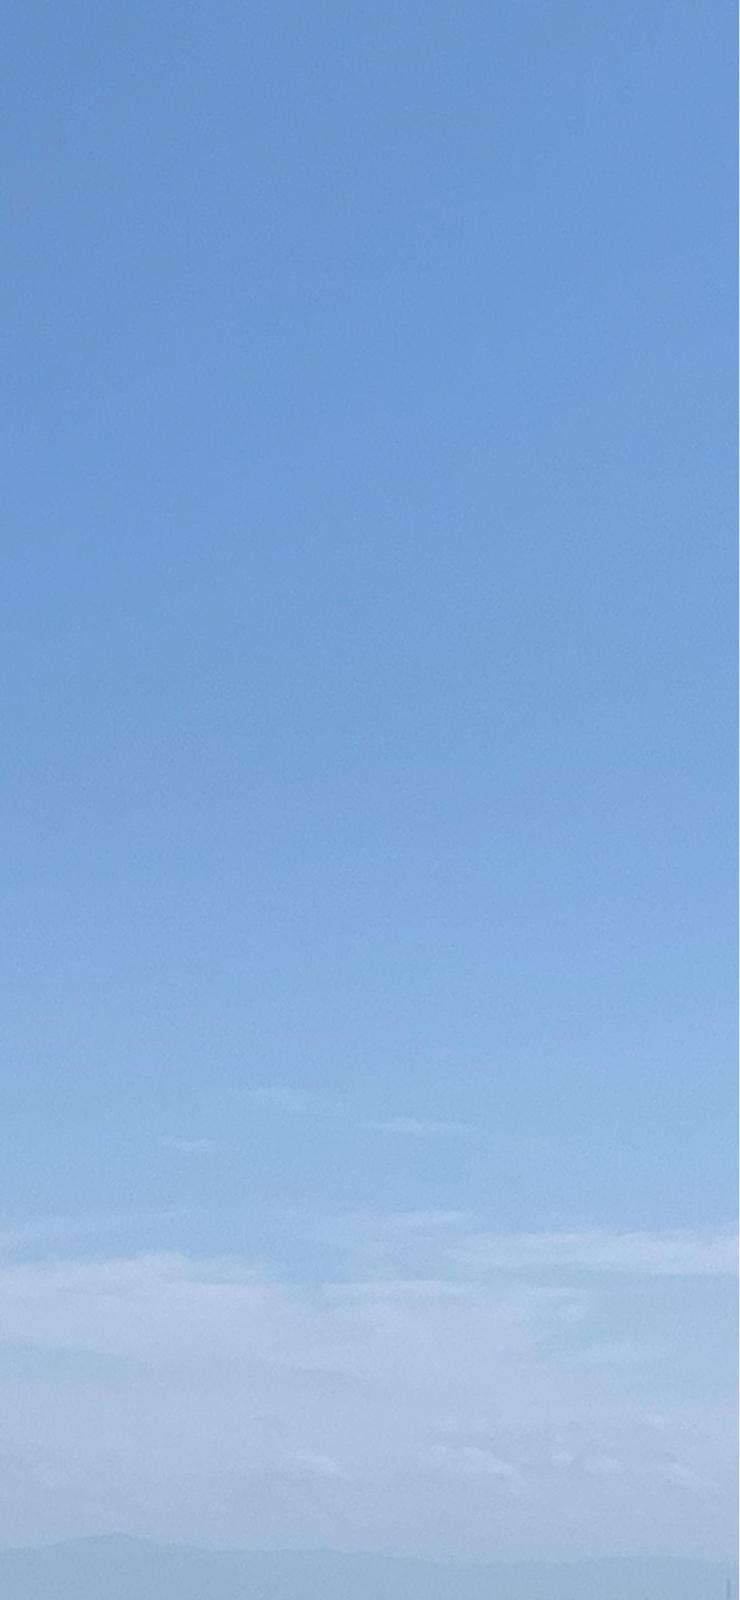 秋の空と雲の流れ_b0408892_15522740.jpg